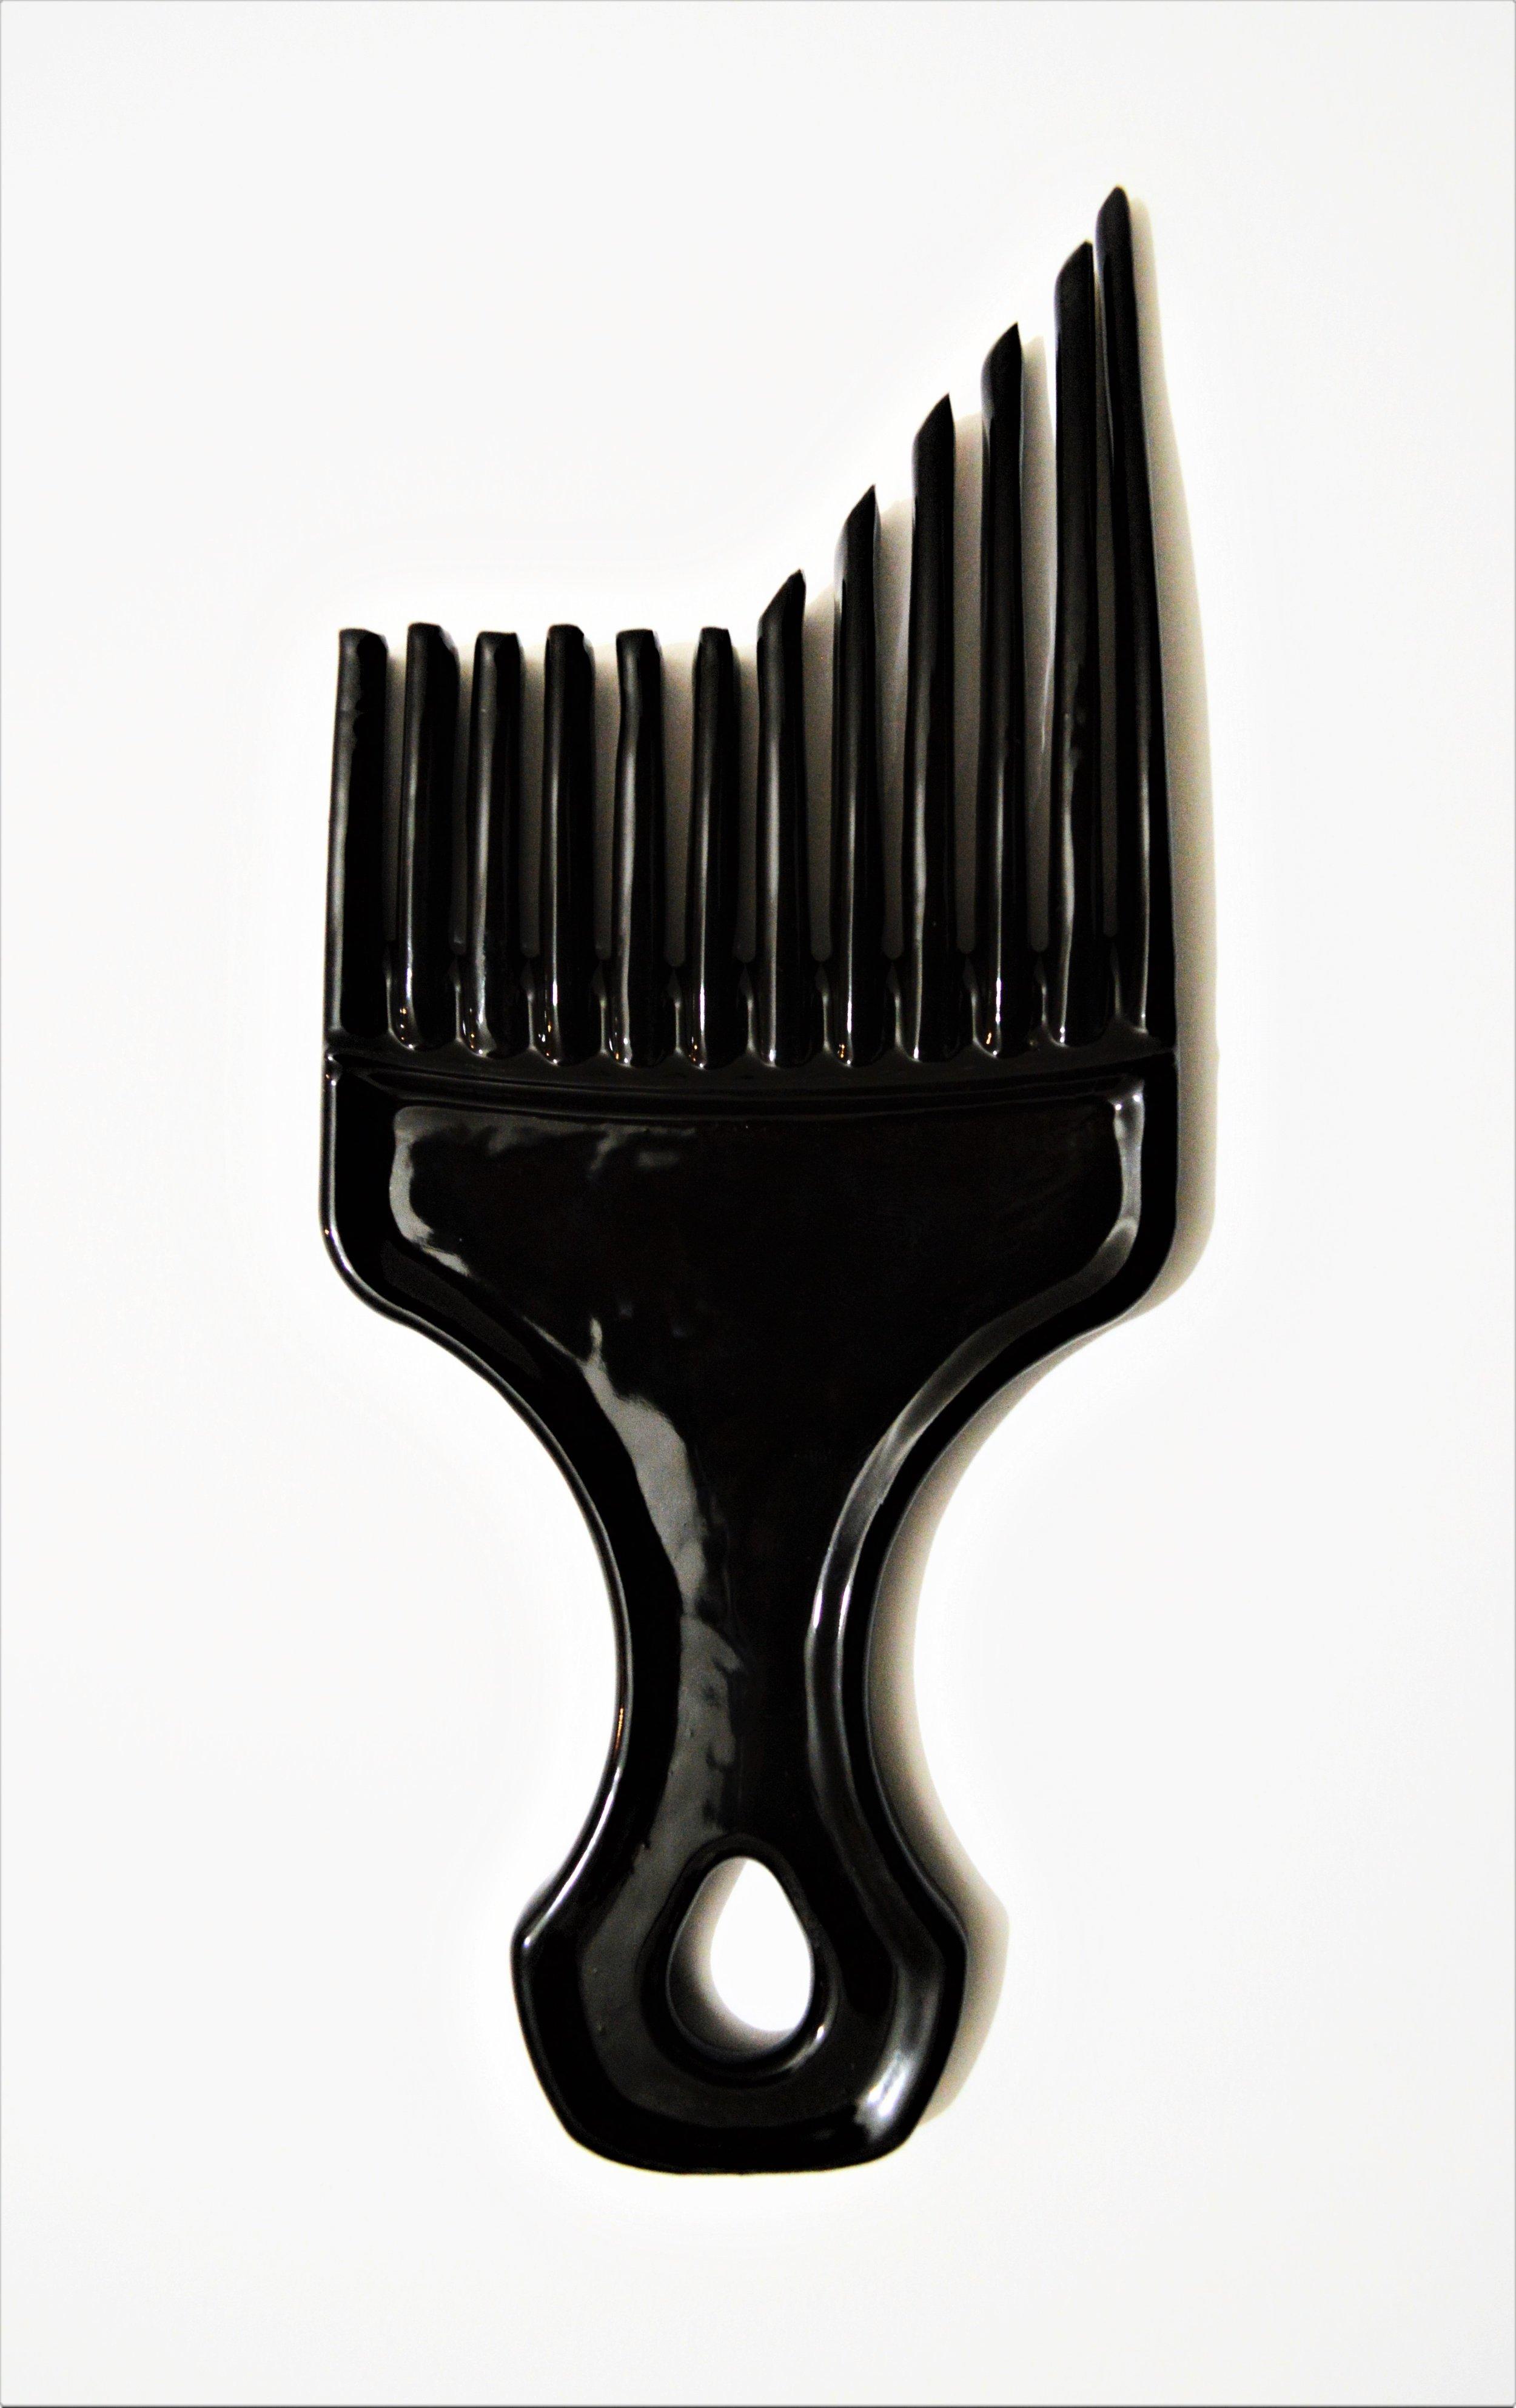 test comb dpi.jpg